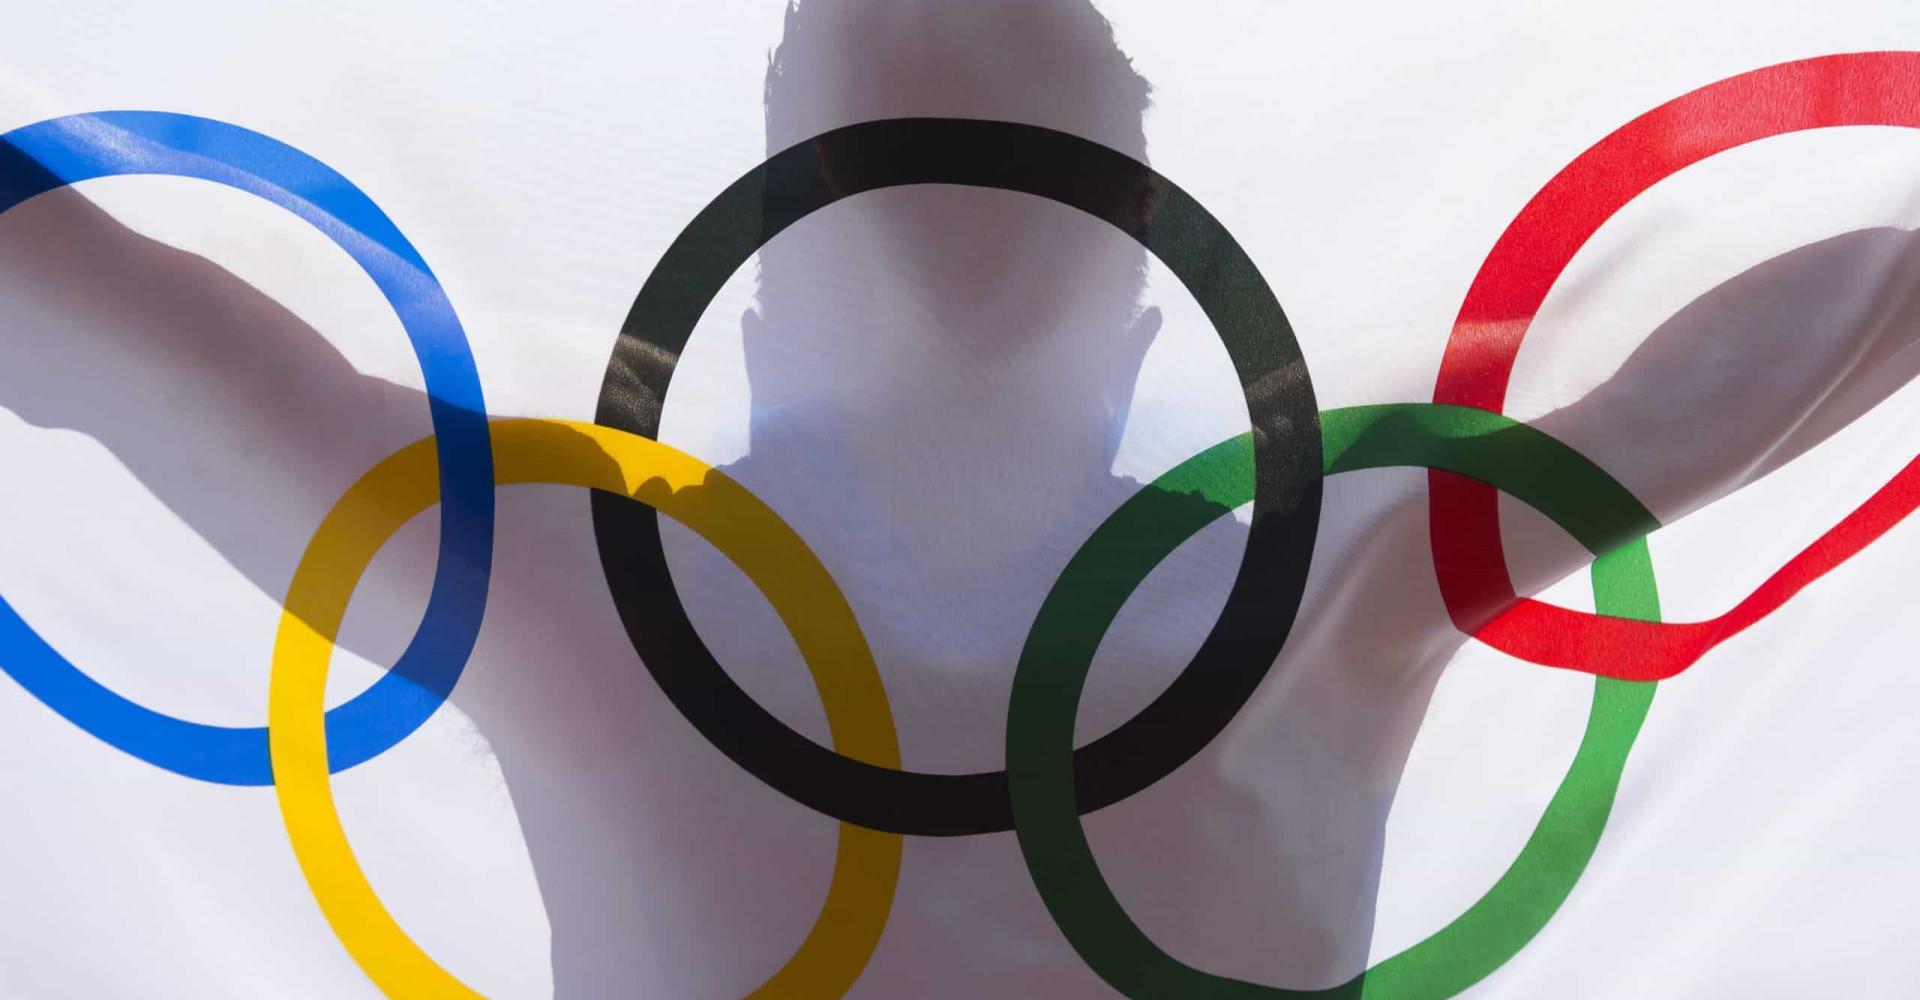 Los peores escándalos olímpicos de la historia